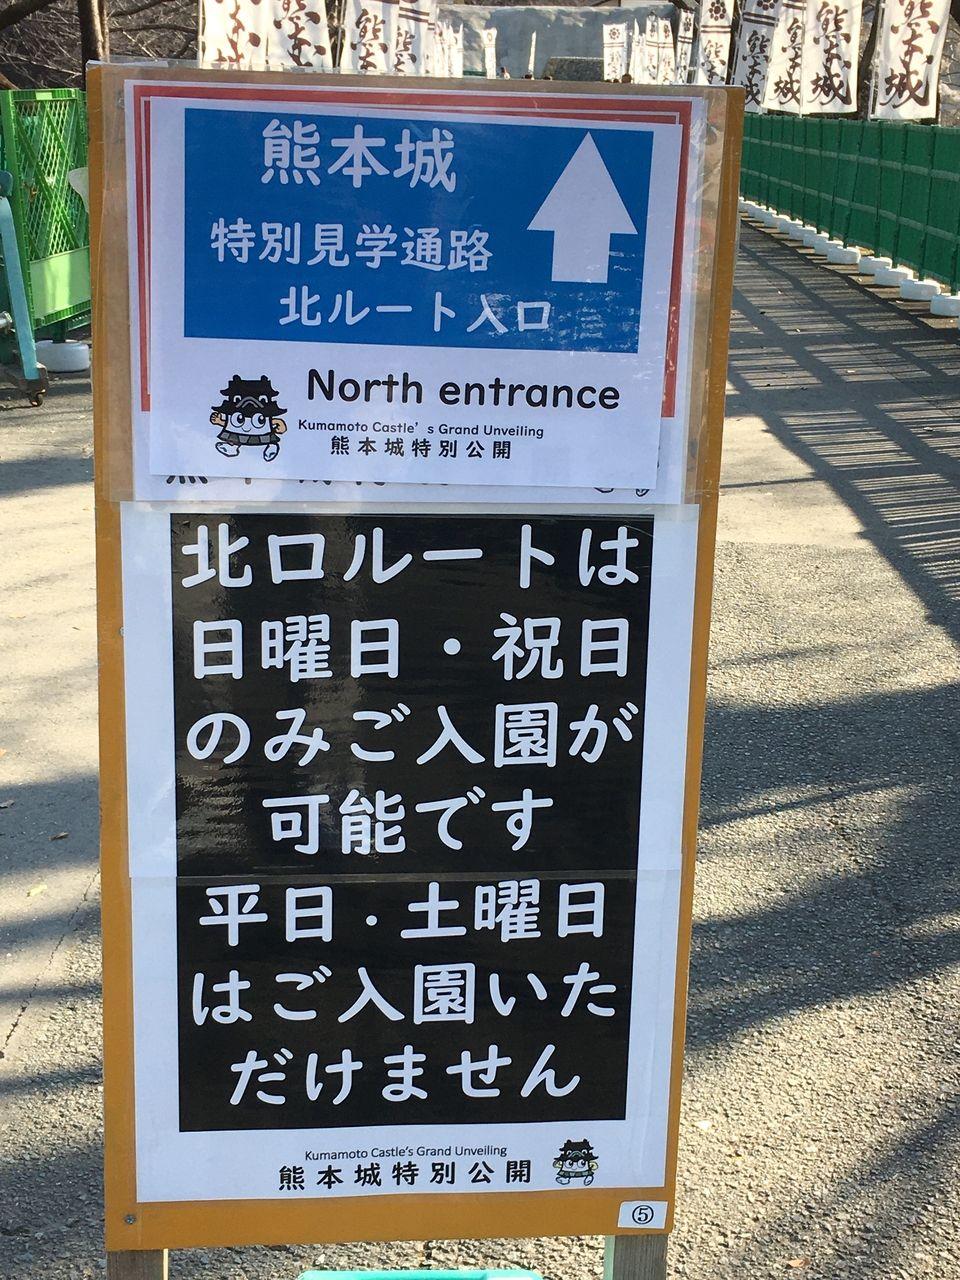 特別見学通路が開設されている熊本城